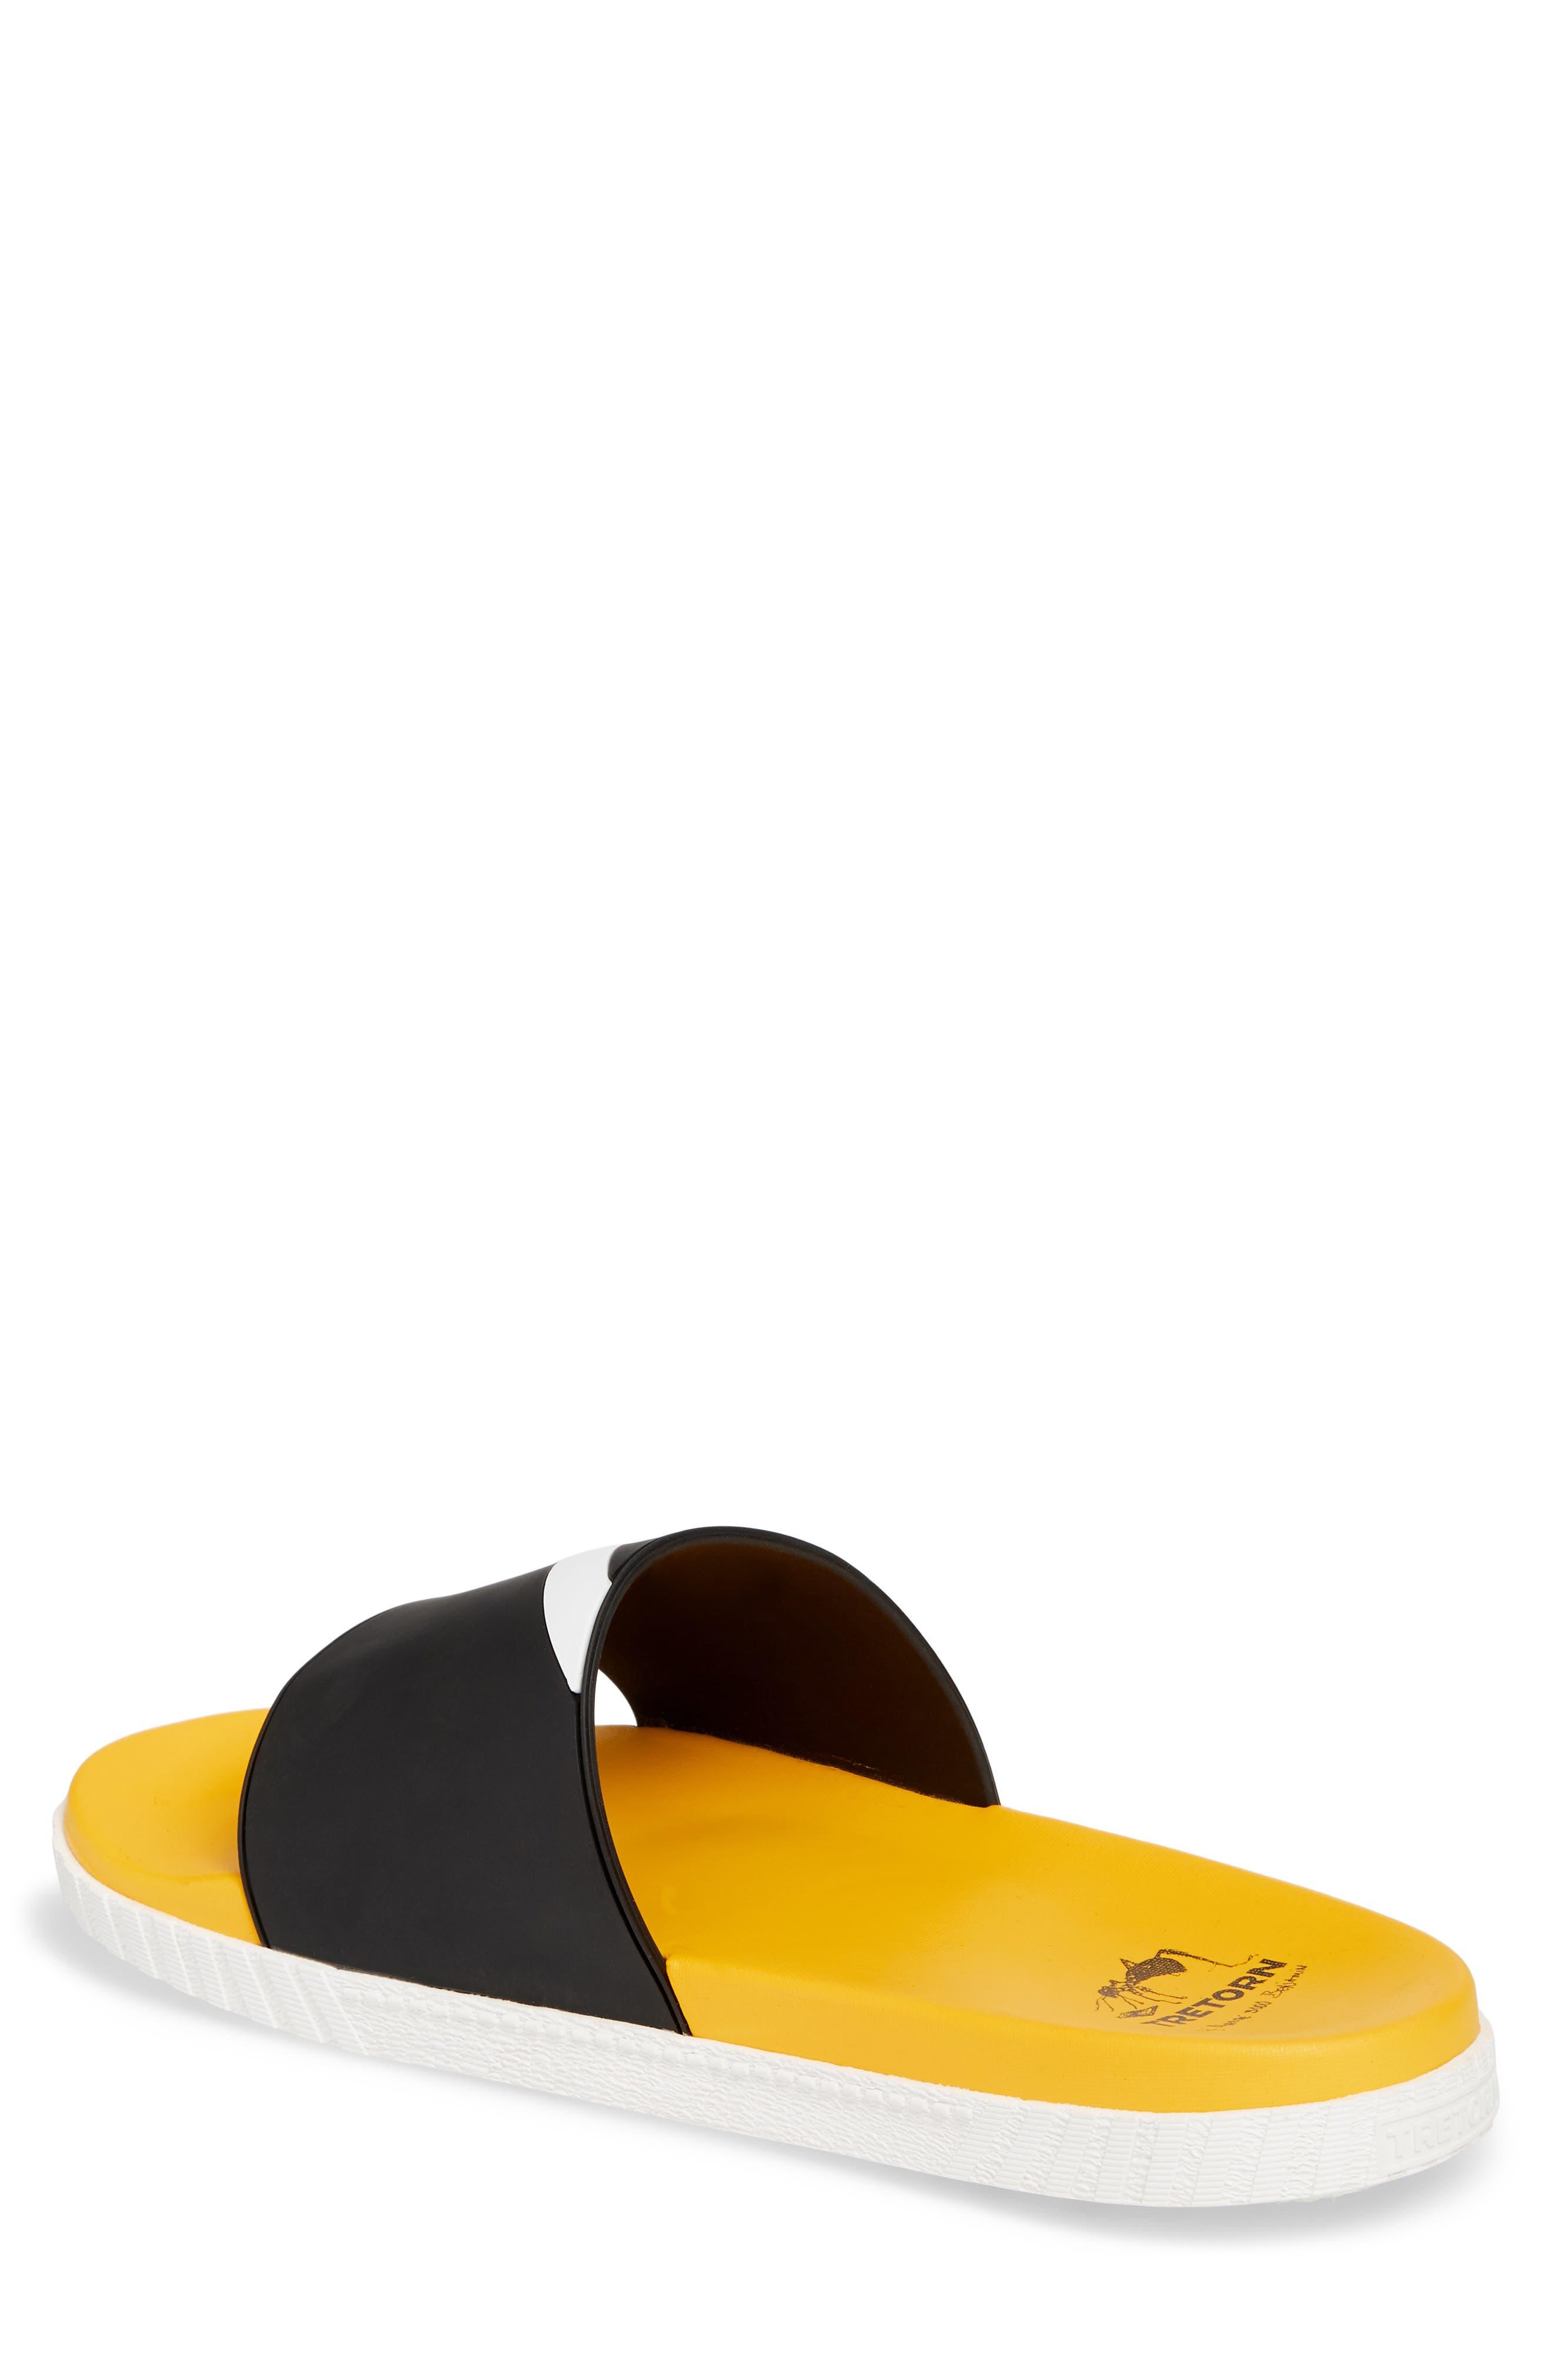 Andre 3000 Slide Sandal,                             Alternate thumbnail 2, color,                             BLACK